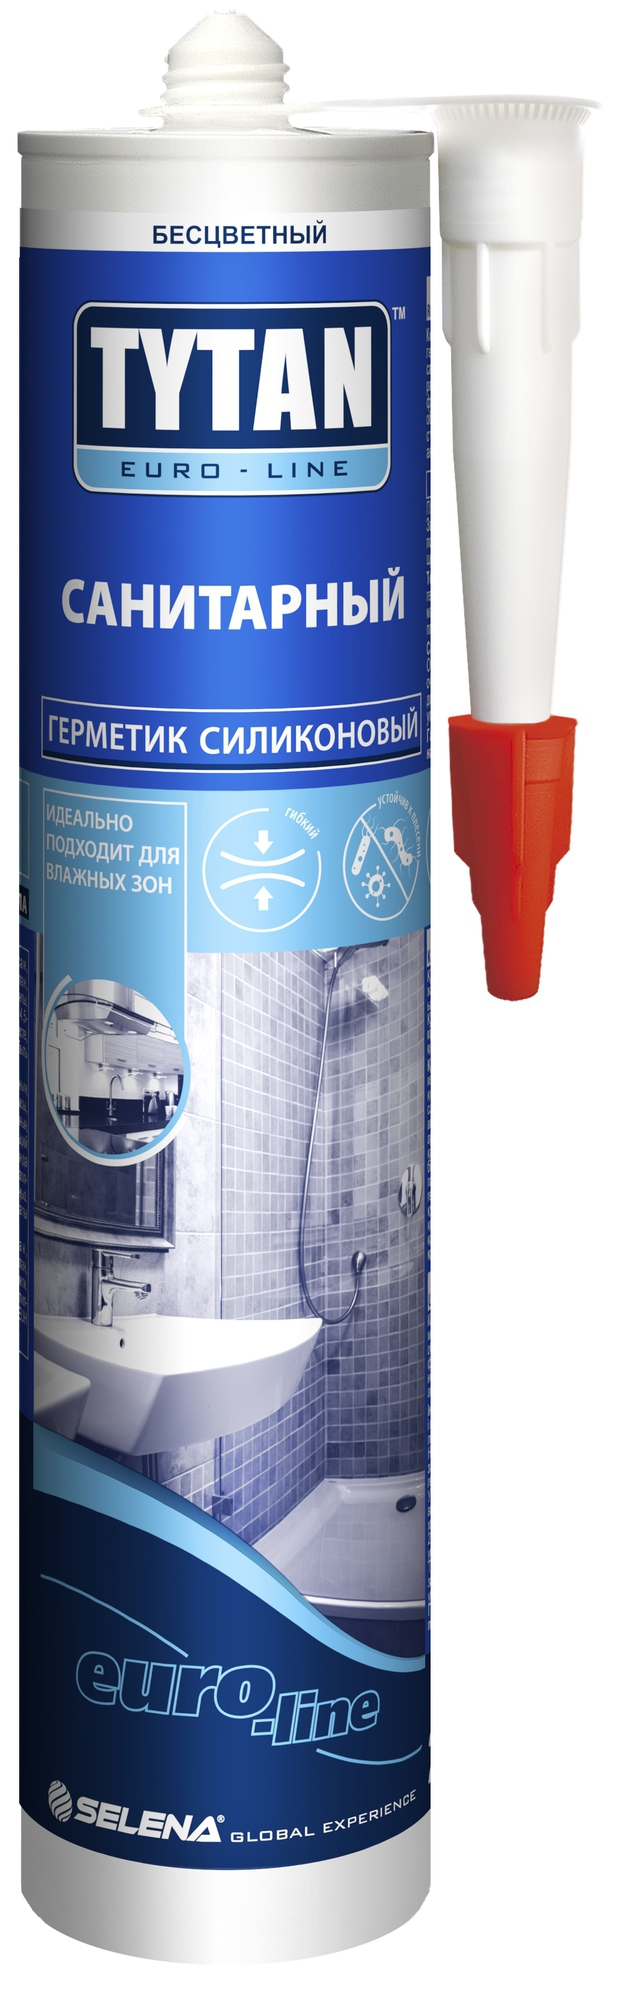 Силикон санитарный TYTAN EURO-LINE белый 290мл - фото